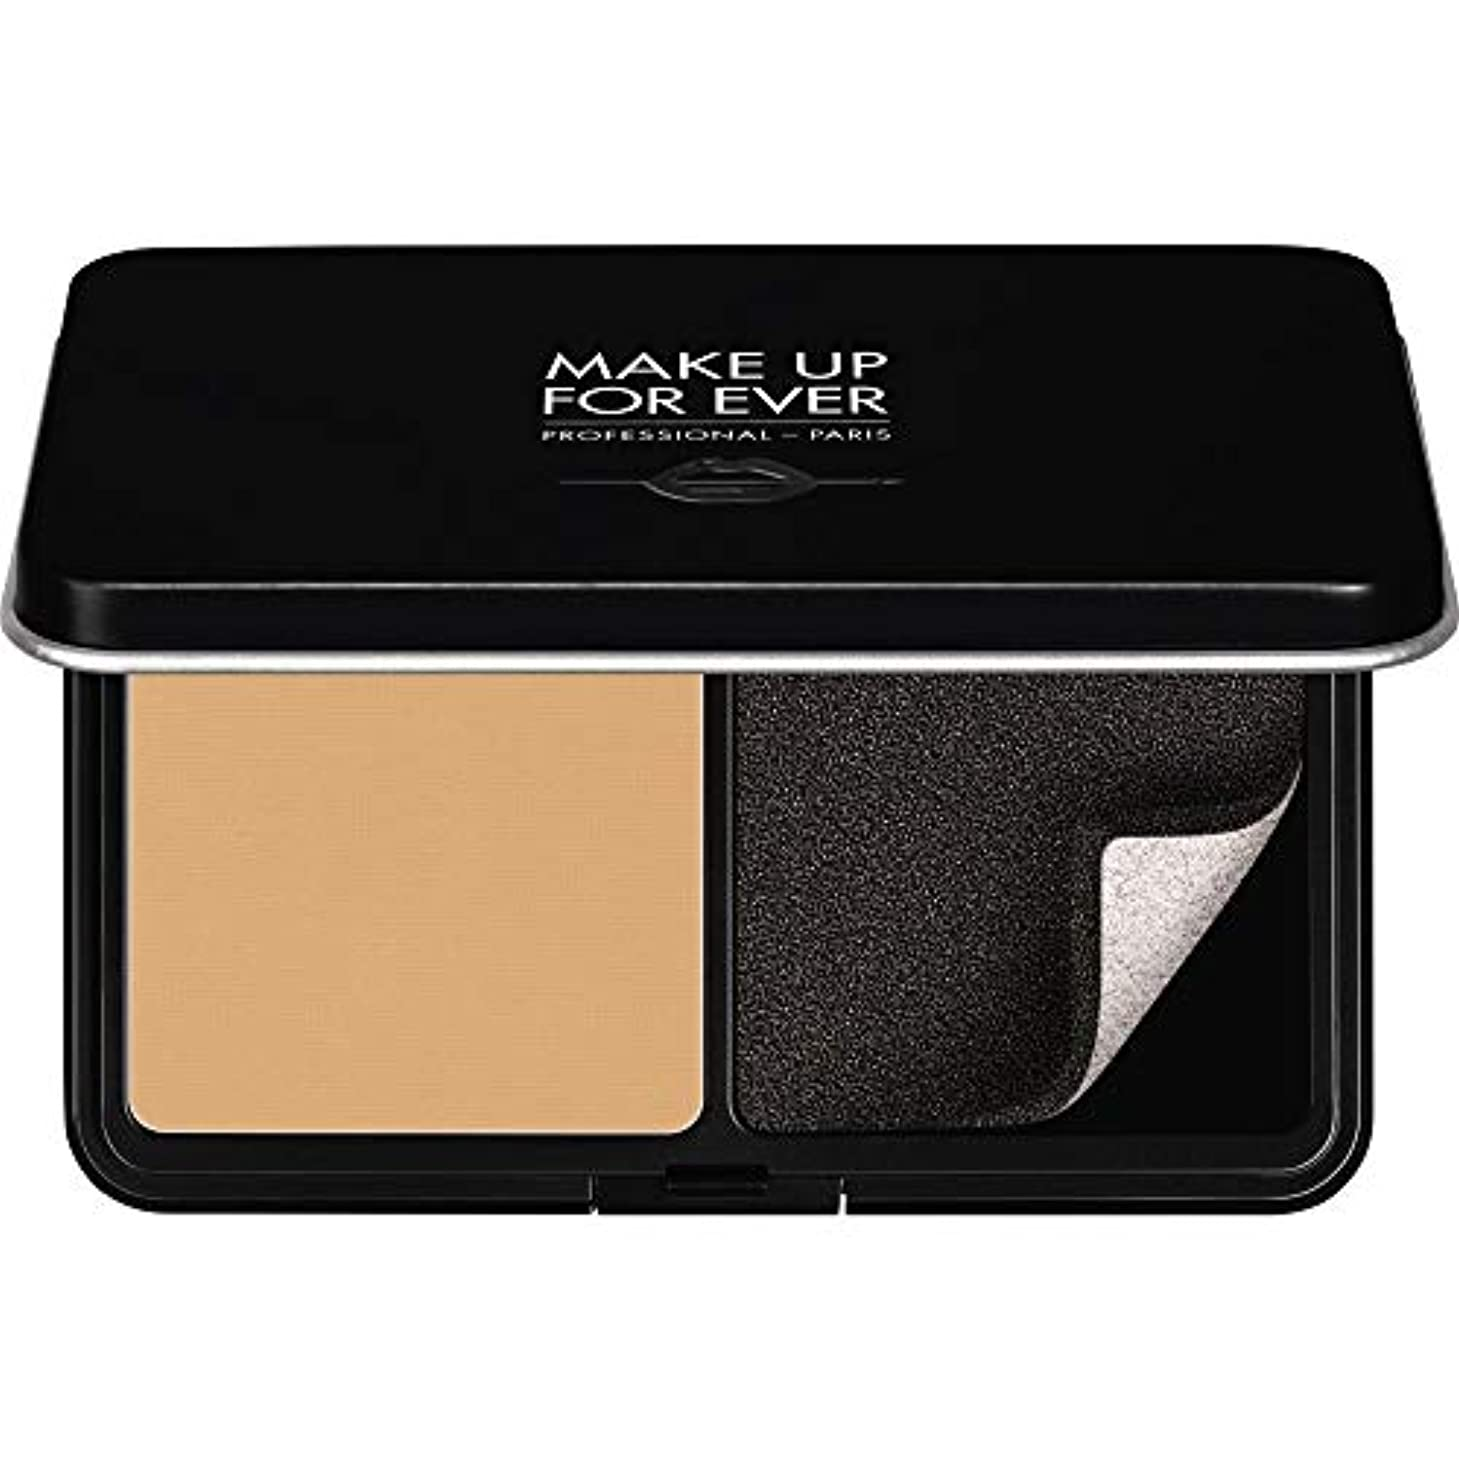 複雑親指権利を与える[MAKE UP FOR EVER ] 柔らかい砂 - パウダーファンデーション11GののY245をぼかし、これまでマットベルベットの肌を補います - MAKE UP FOR EVER Matte Velvet Skin Blurring Powder Foundation 11g Y245 - Soft Sand [並行輸入品]